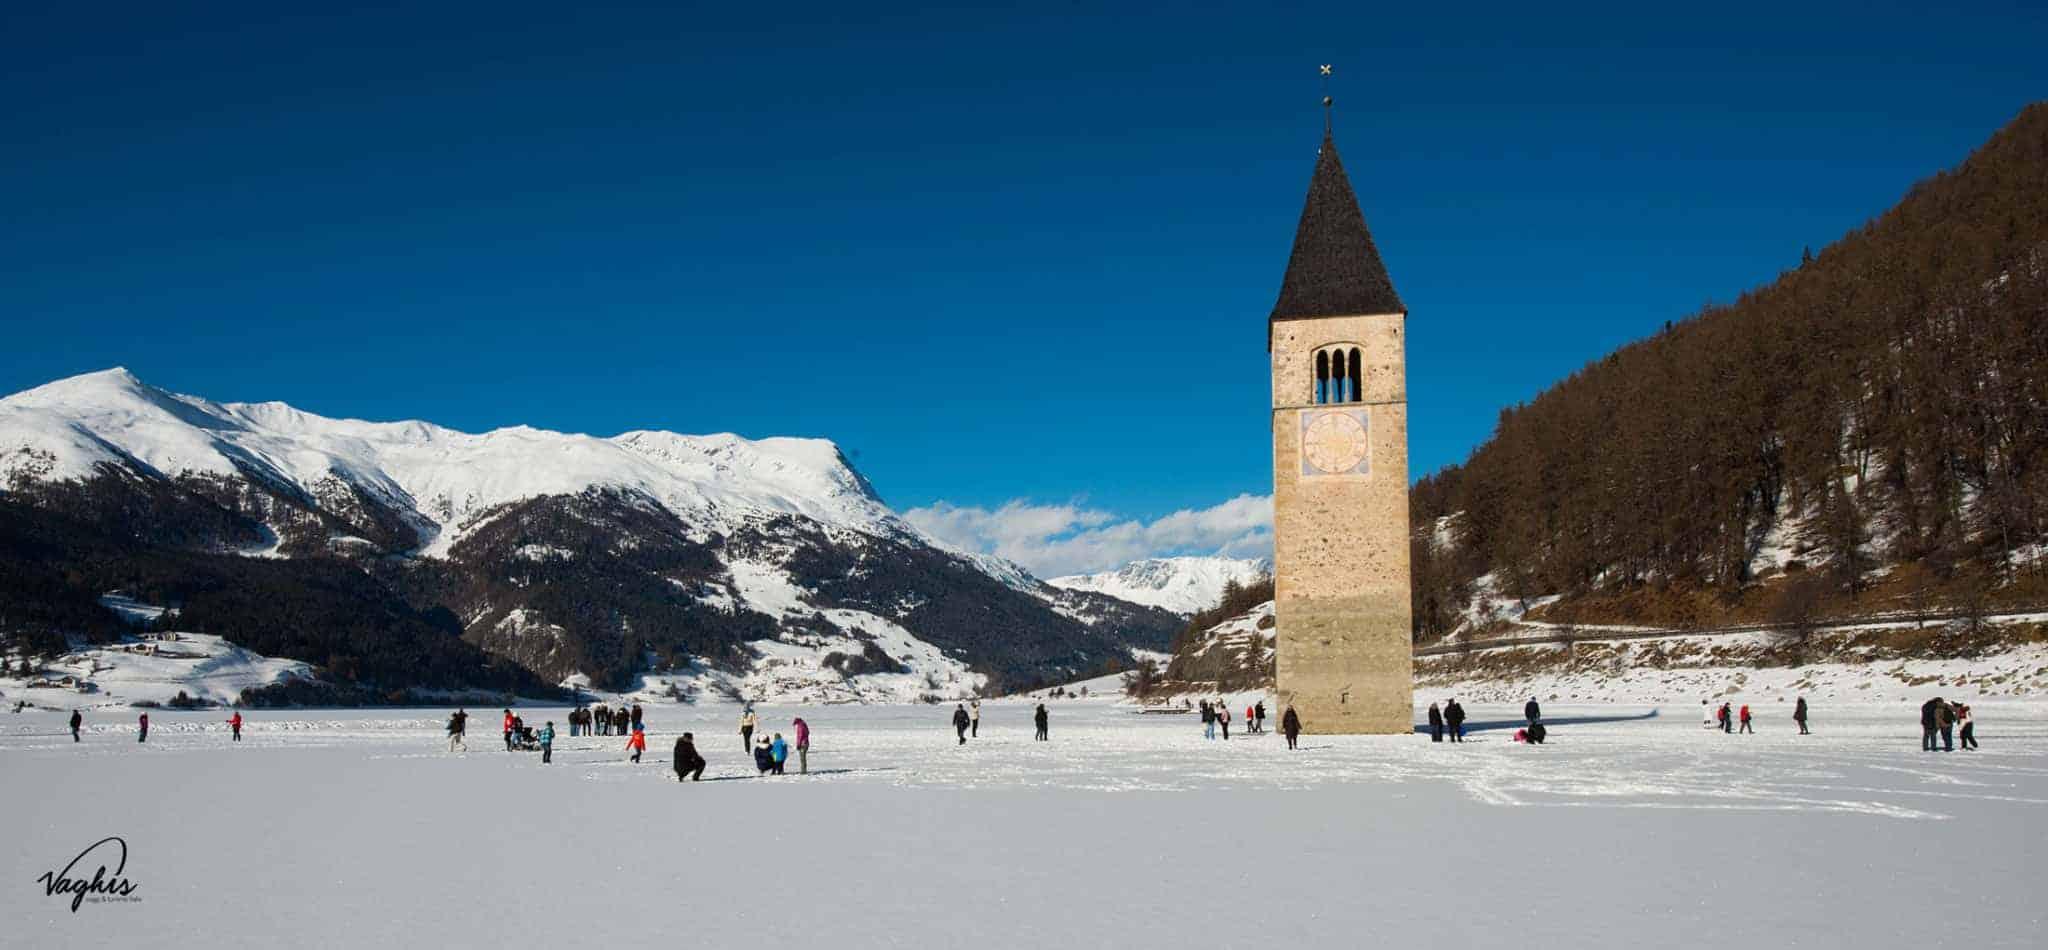 Lago di Resia: I turisti che raggiungno il campanile a piedi, quando il lago è ghiacciato